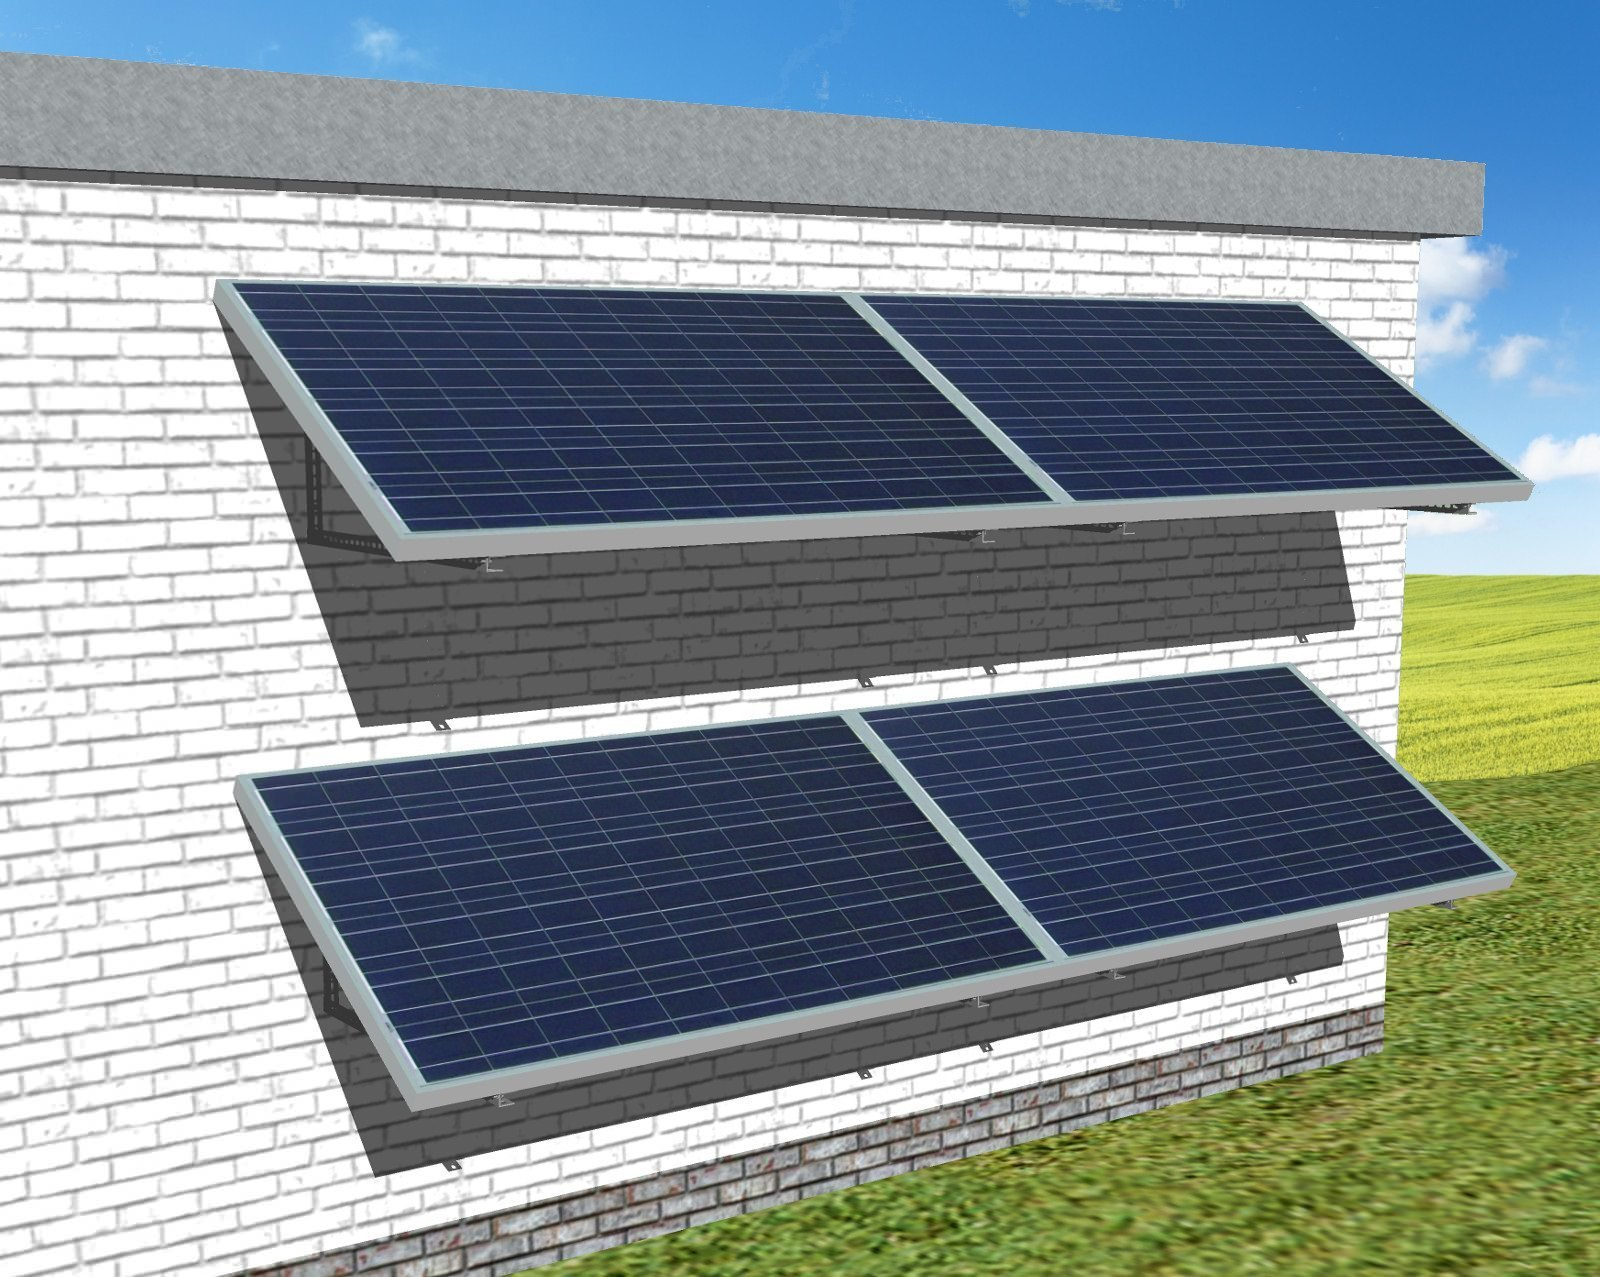 myCleantechSolarPower™ Solaranalage Fassade oder Carport mit 4 Pannels - Musterbild